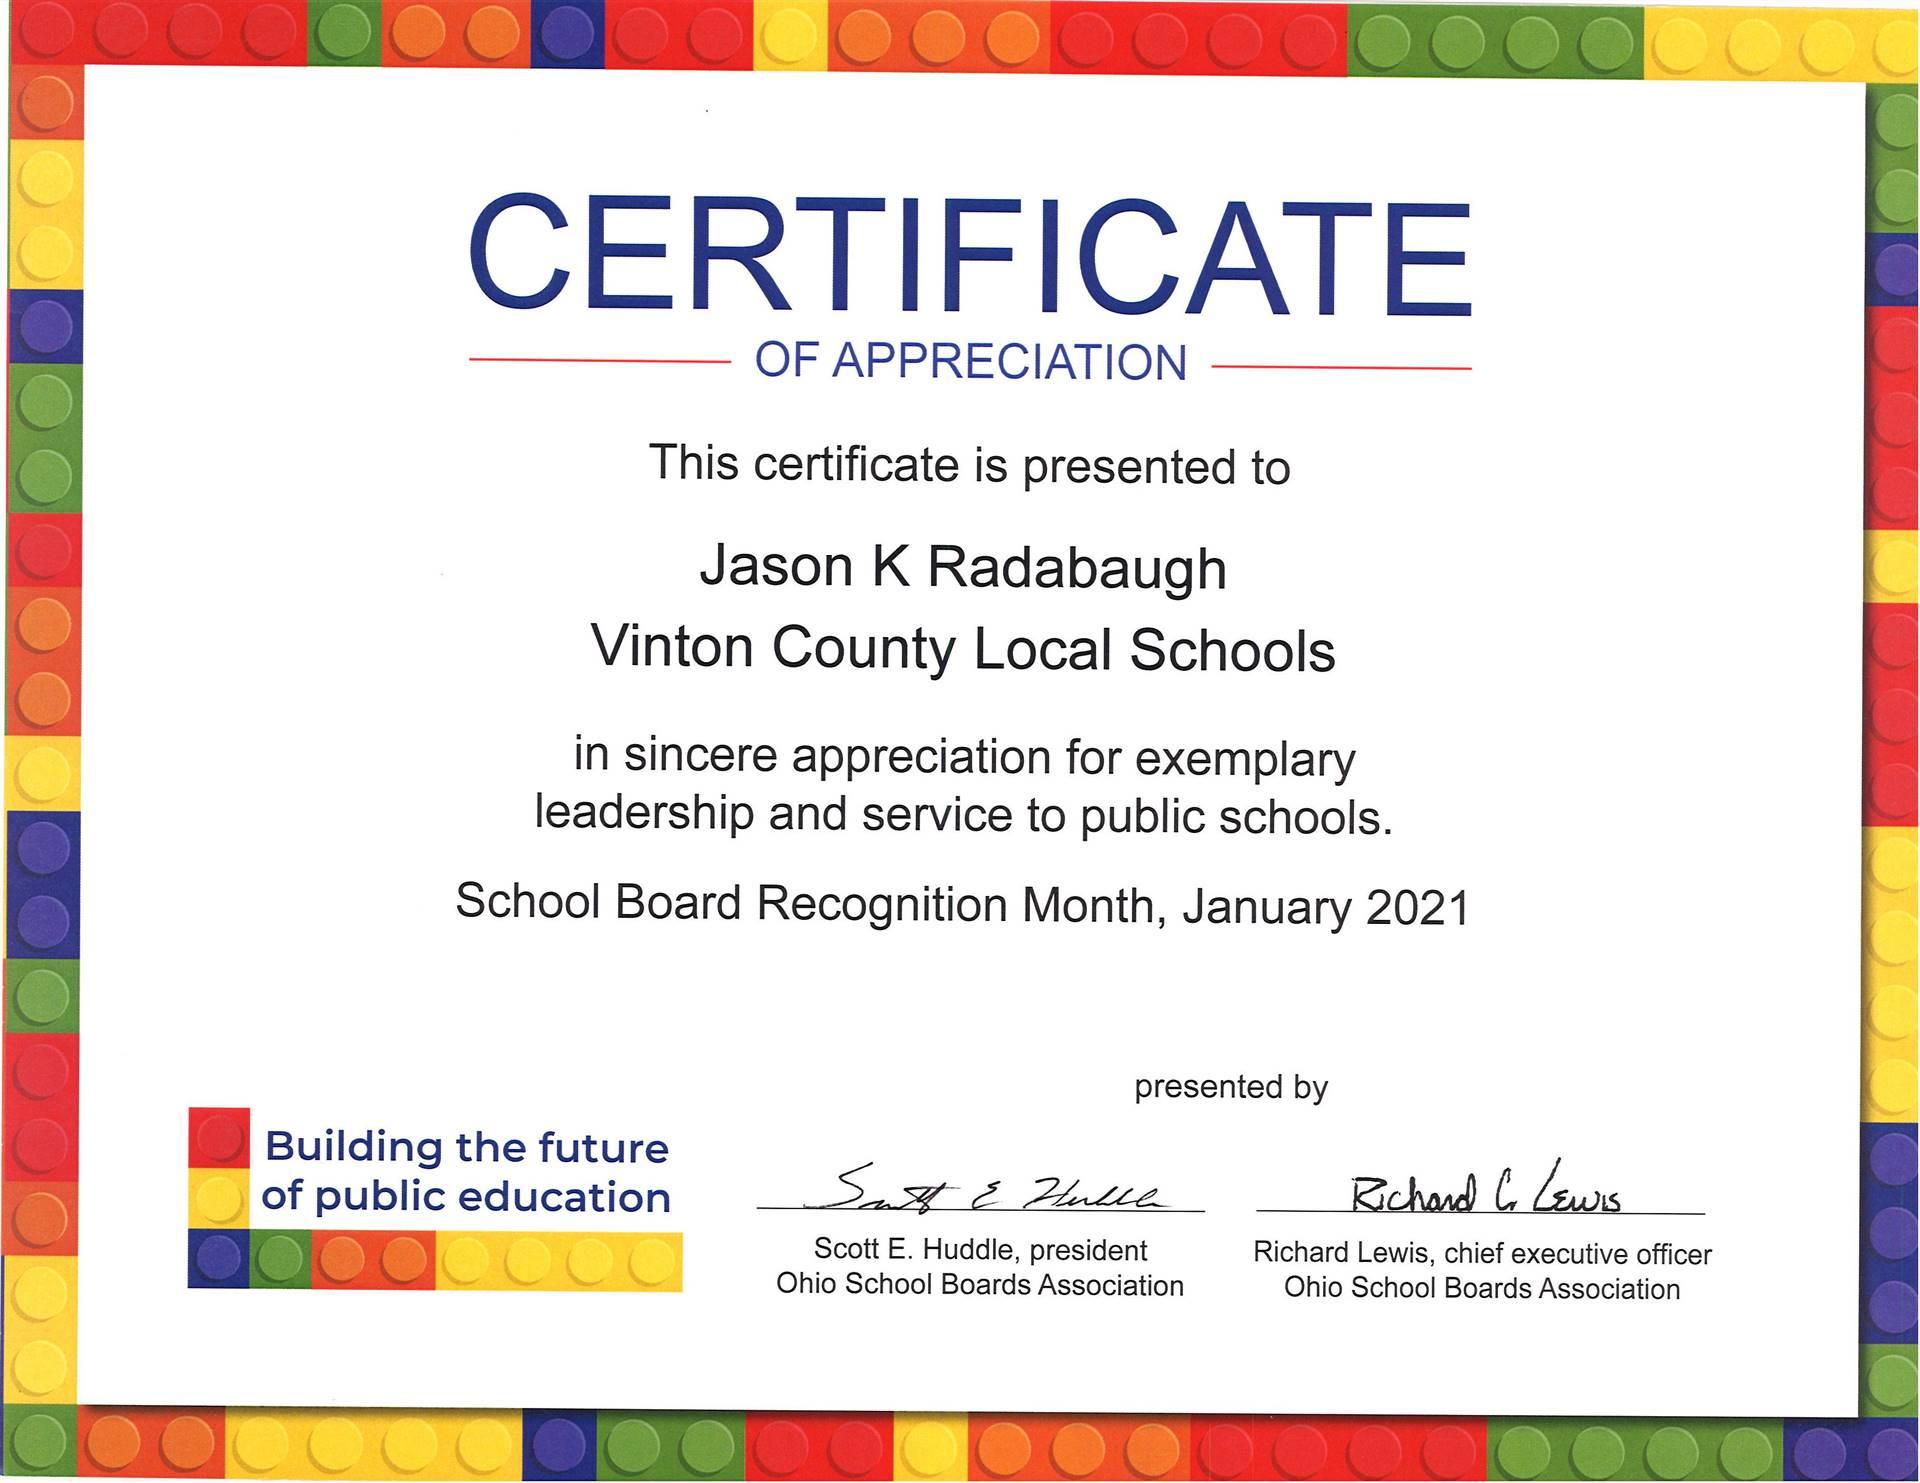 Certificate of Appreciation for Jason Radabaugh